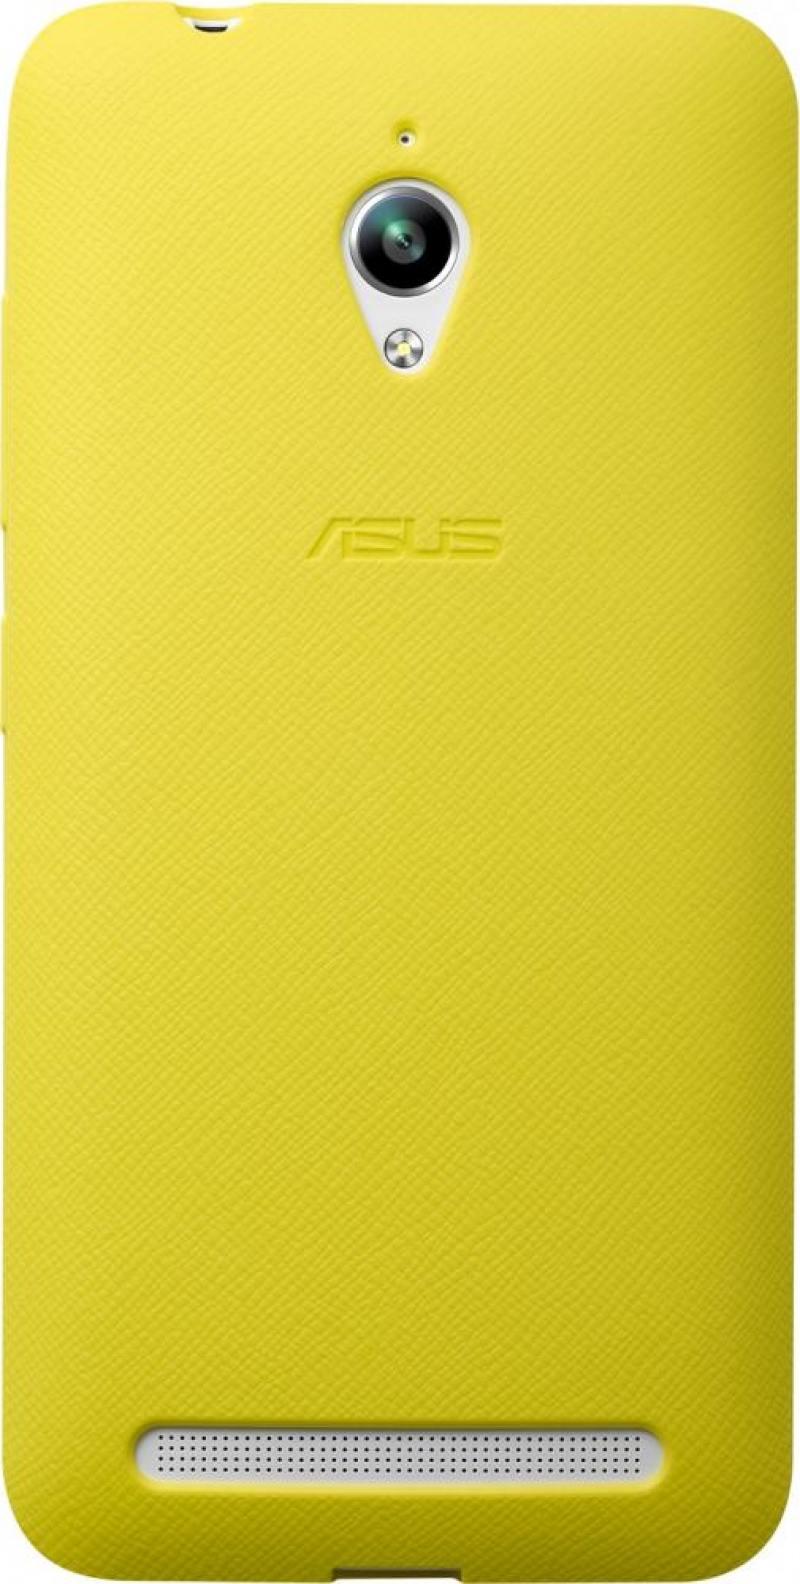 Задняя крышка Asus для ZenFone GO ZC500TG PF-01 BUMPER CASE желтый 90XB00RA-BSL3Q0 чехол книжка asus view flip для zenfone go zc500tg черный